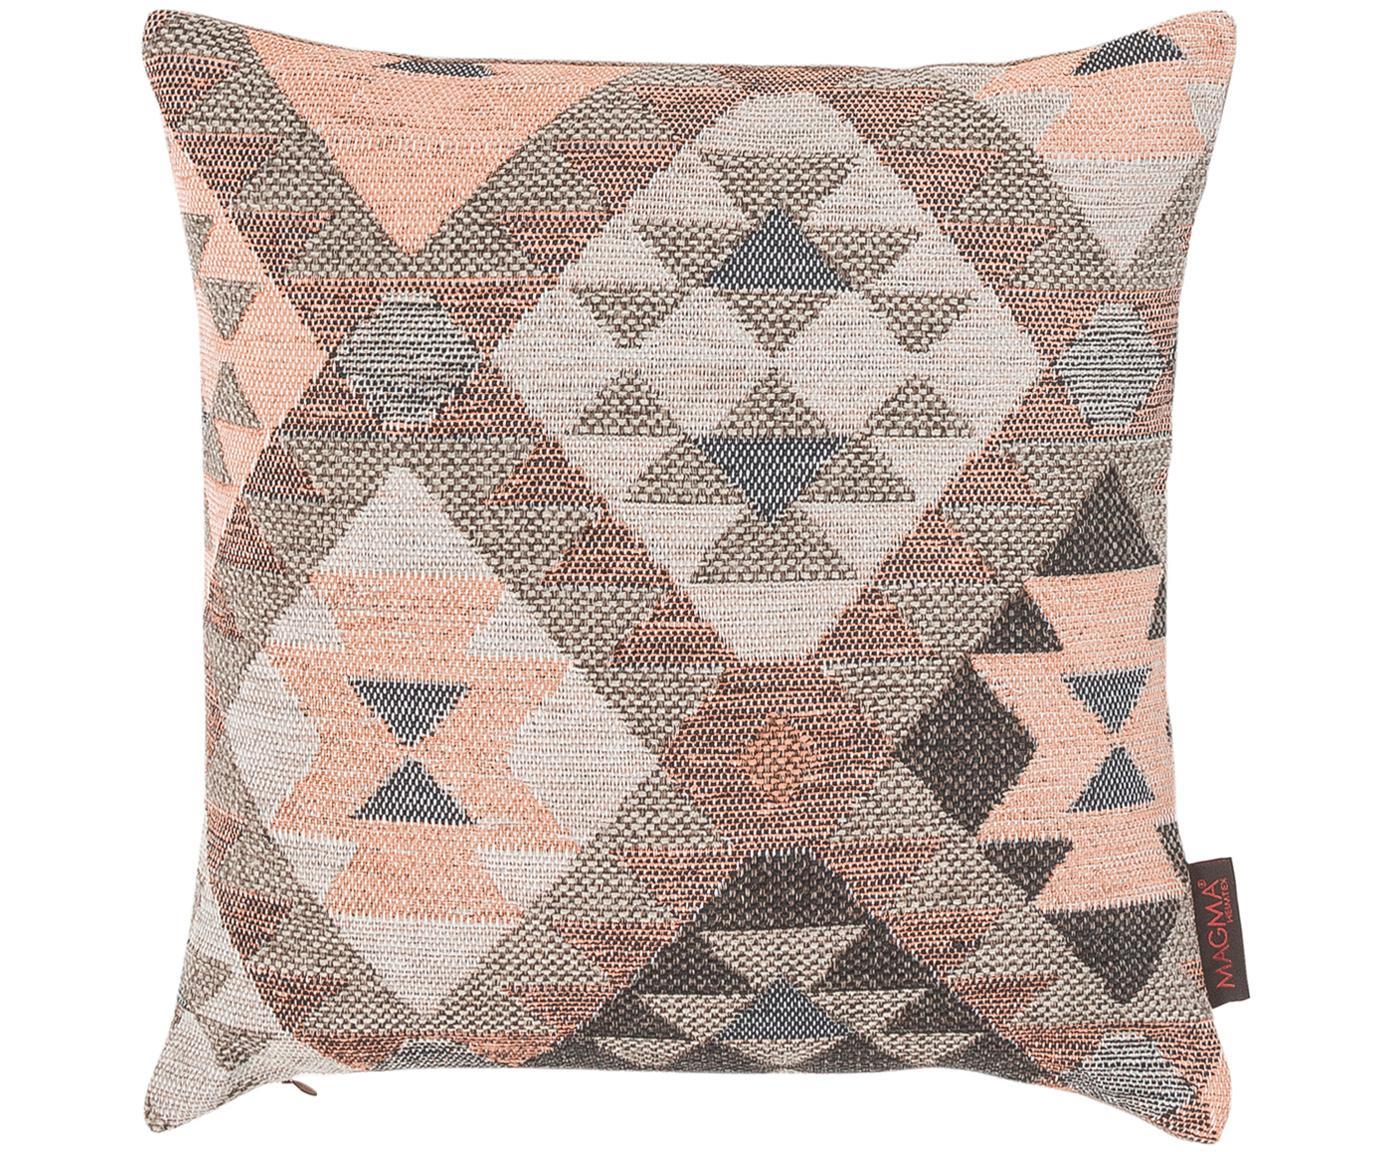 Kussenhoes Lima, Voorzijde: bruin, grijs, roze. Achterzijde: bruin, 40 x 40 cm